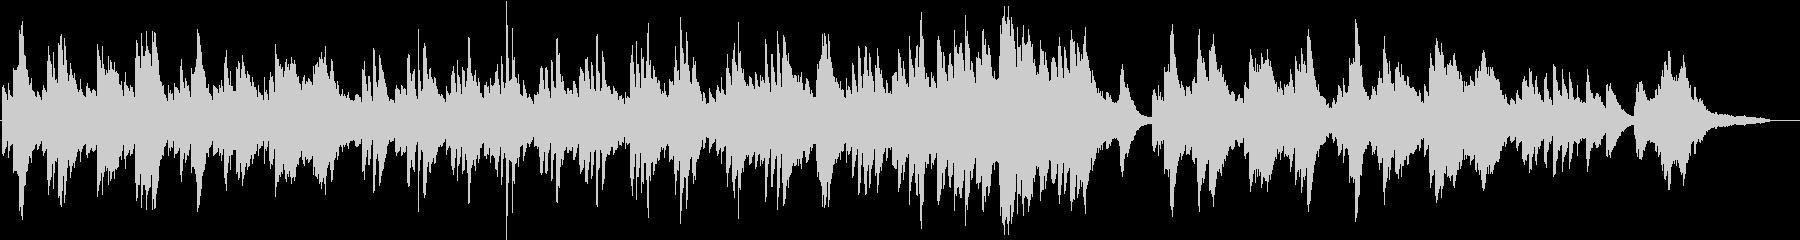 懐かしさのあるピアノソロの未再生の波形